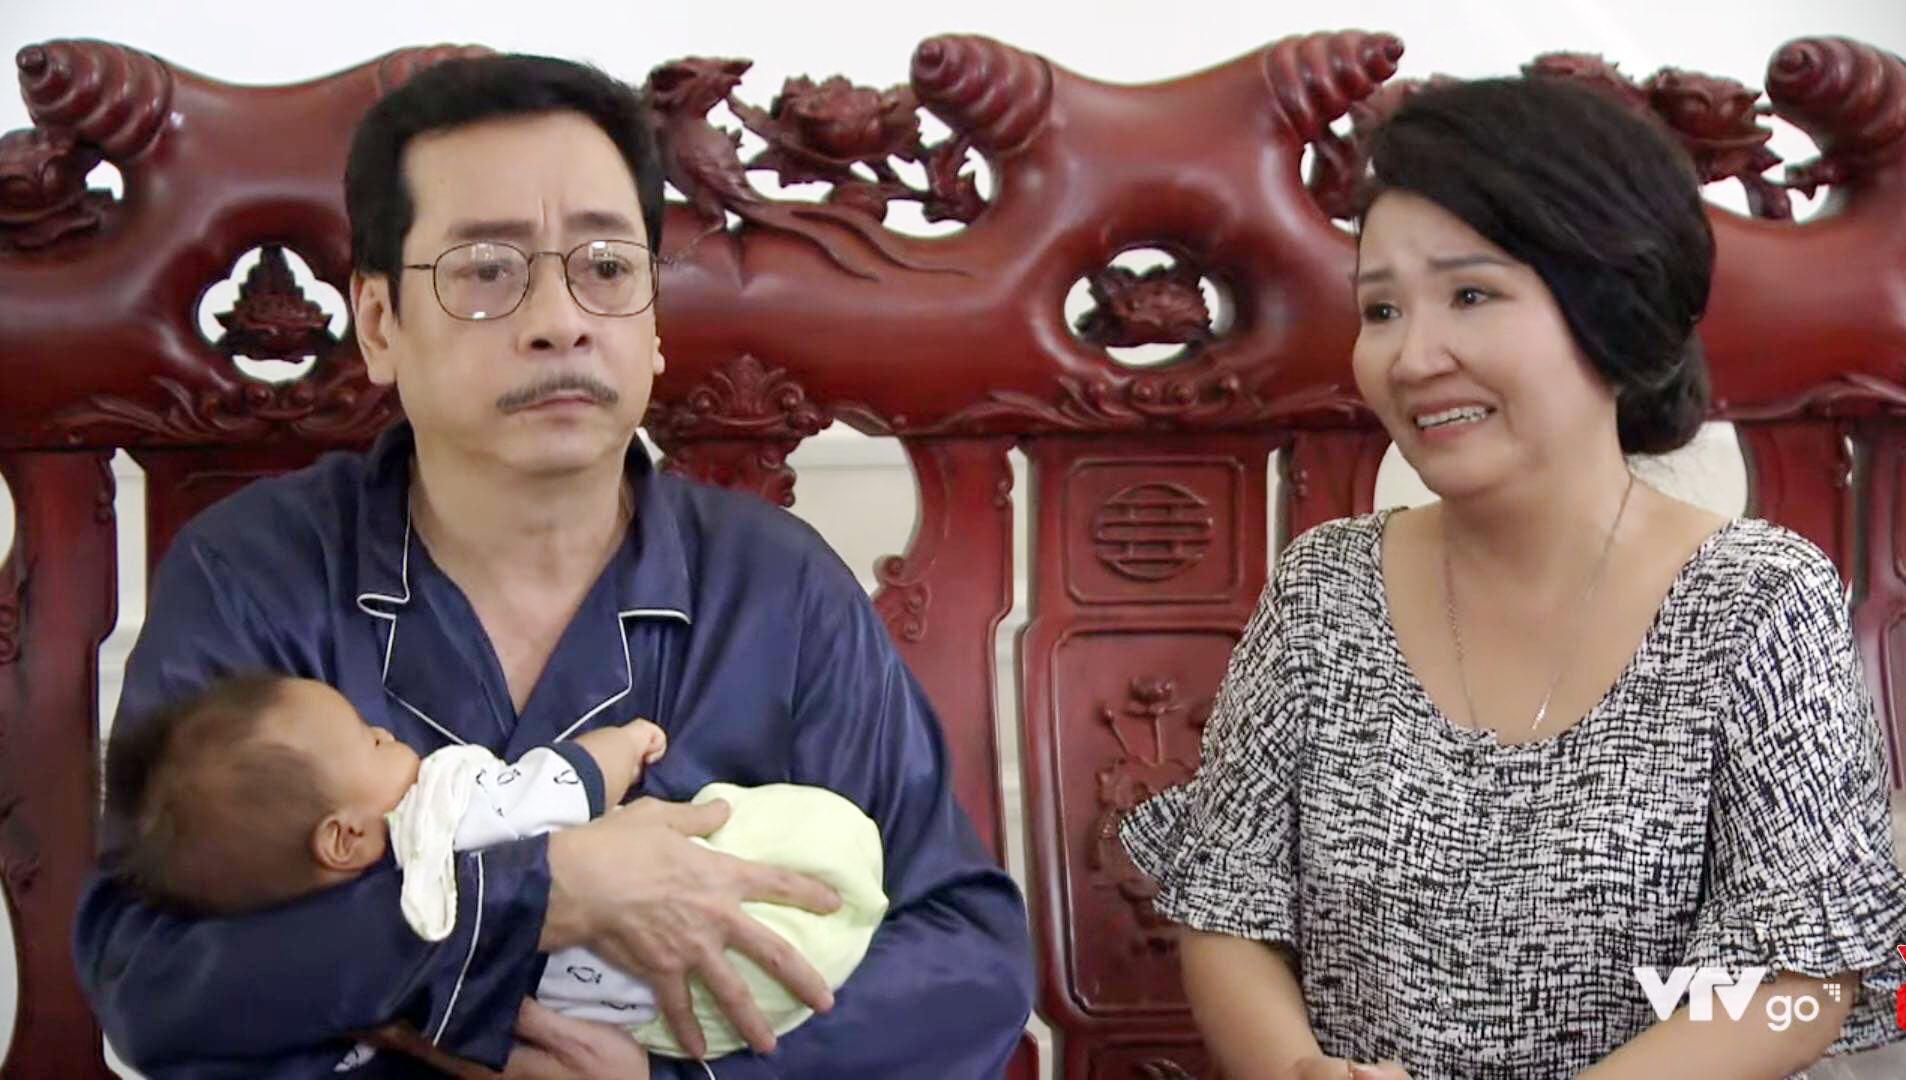 Với NSND Hoàng Dũng, trên trang cá nhân, ông đăng tấm ảnh xúc động vợ chồng ông bà Luật rưng rưng bên cu Bon cùng chia sẻ của 1 khán giả: